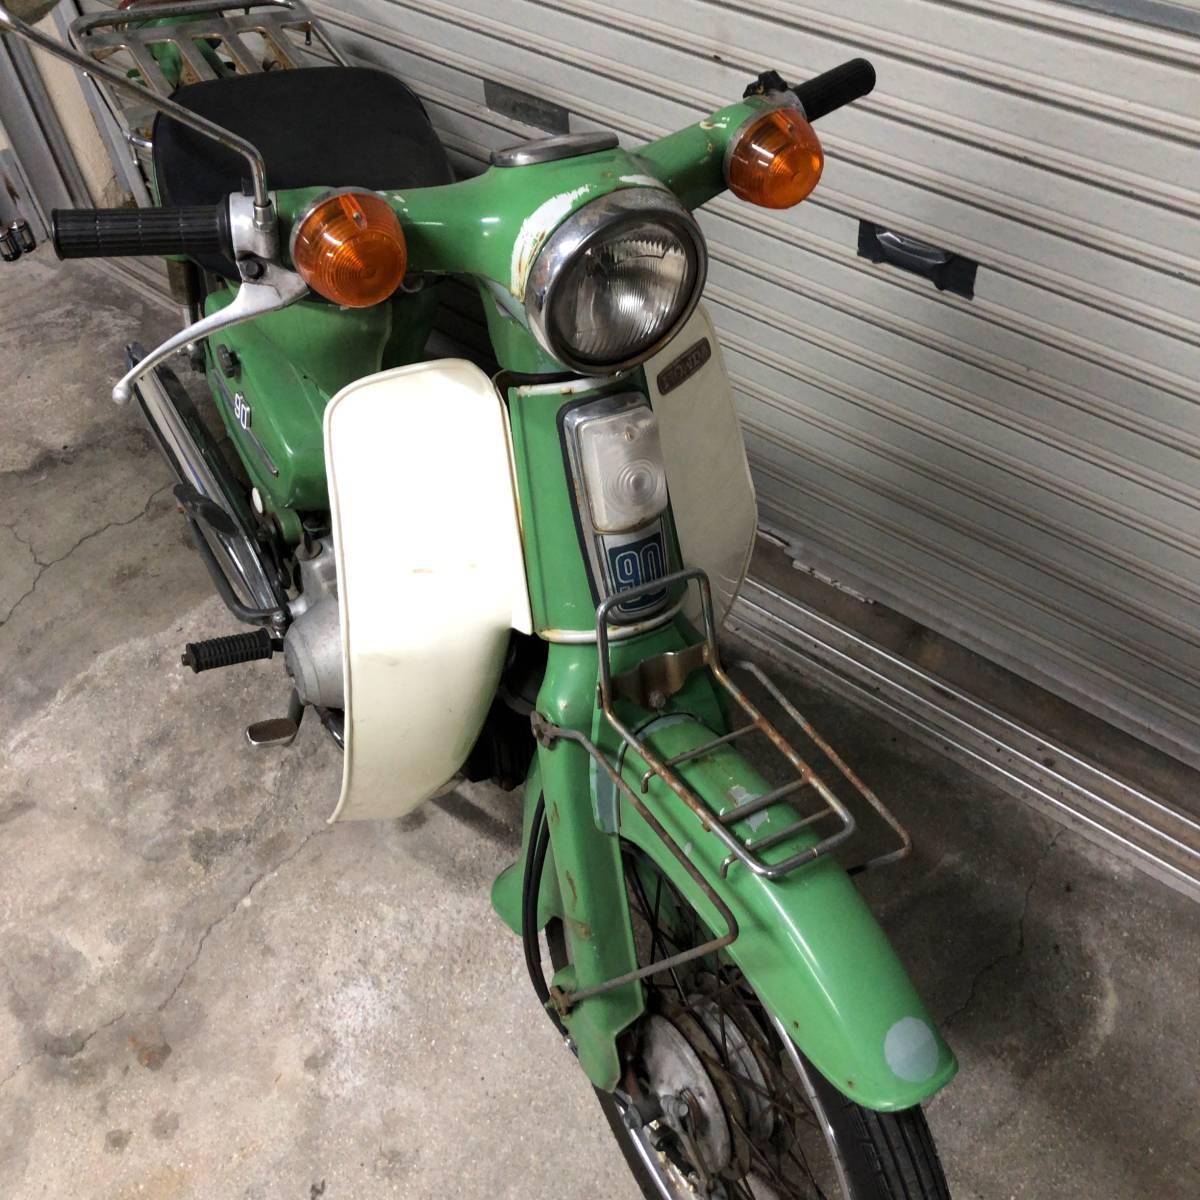 「実働!調子良!激レアヴィンテージバイク本物HONDA C90 ホンダ行灯カブ90cc純正スタイル当時物 緑グリーン昭和原付1960年代1970年代?」の画像3